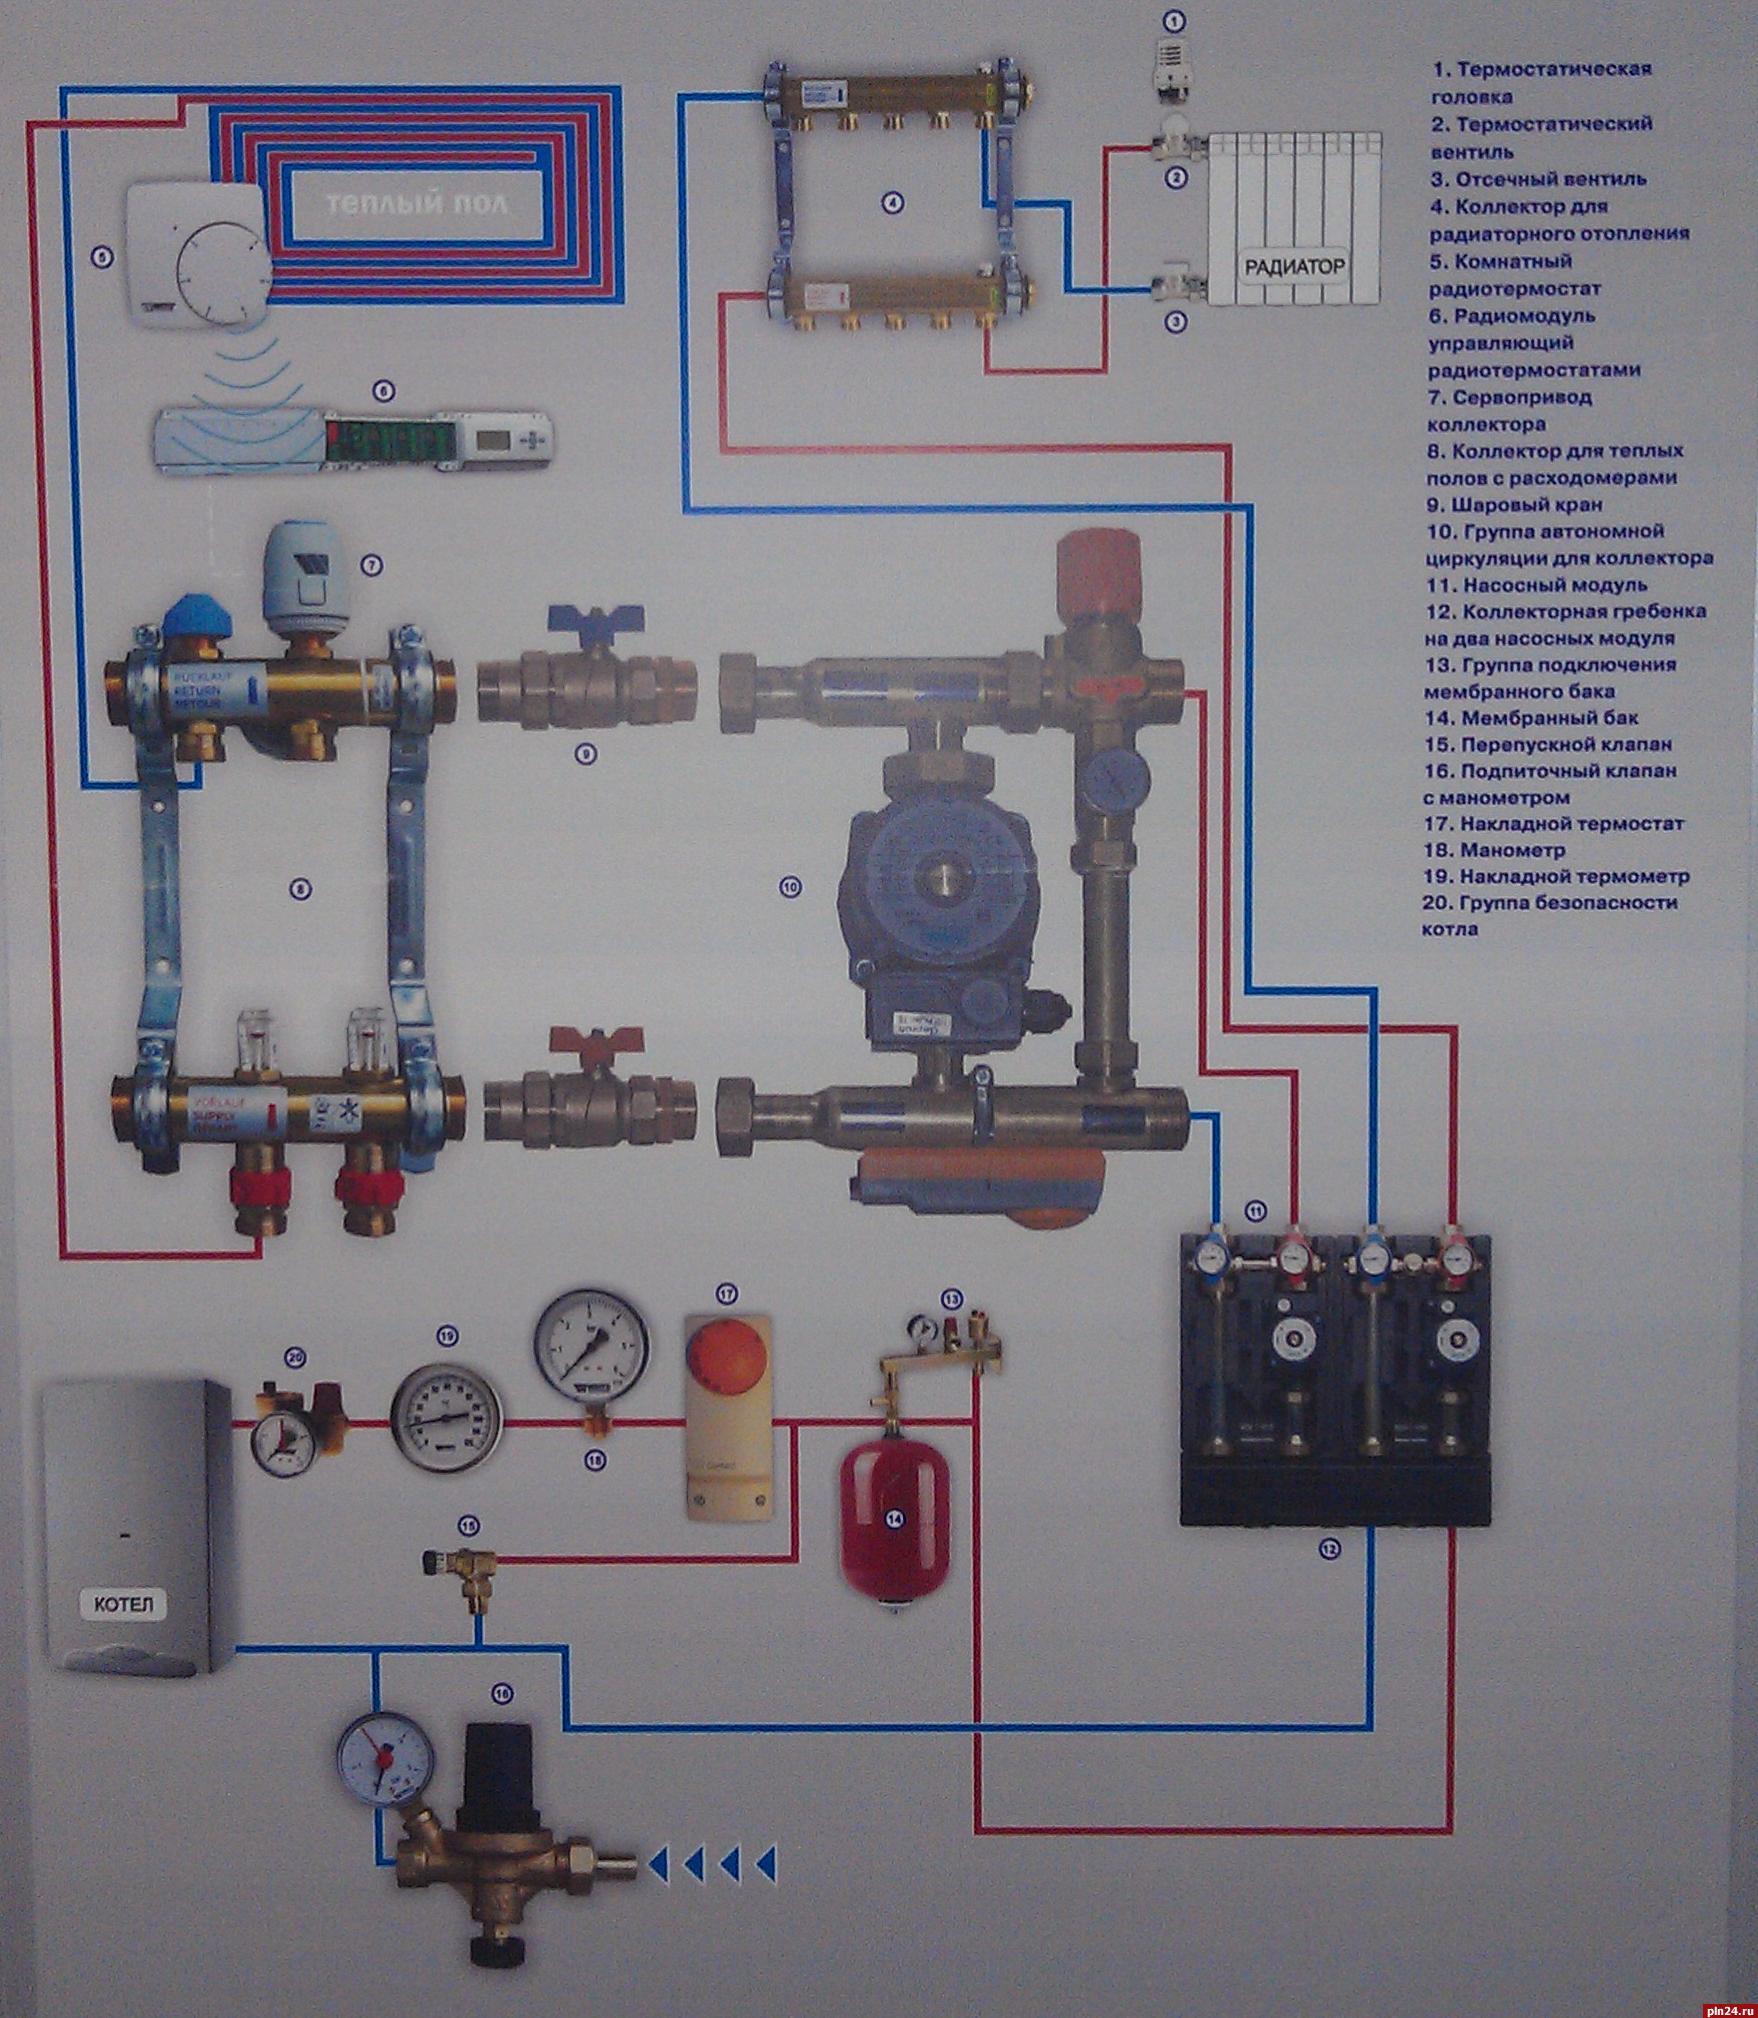 Водяной теплый пол схема подключения регулятора